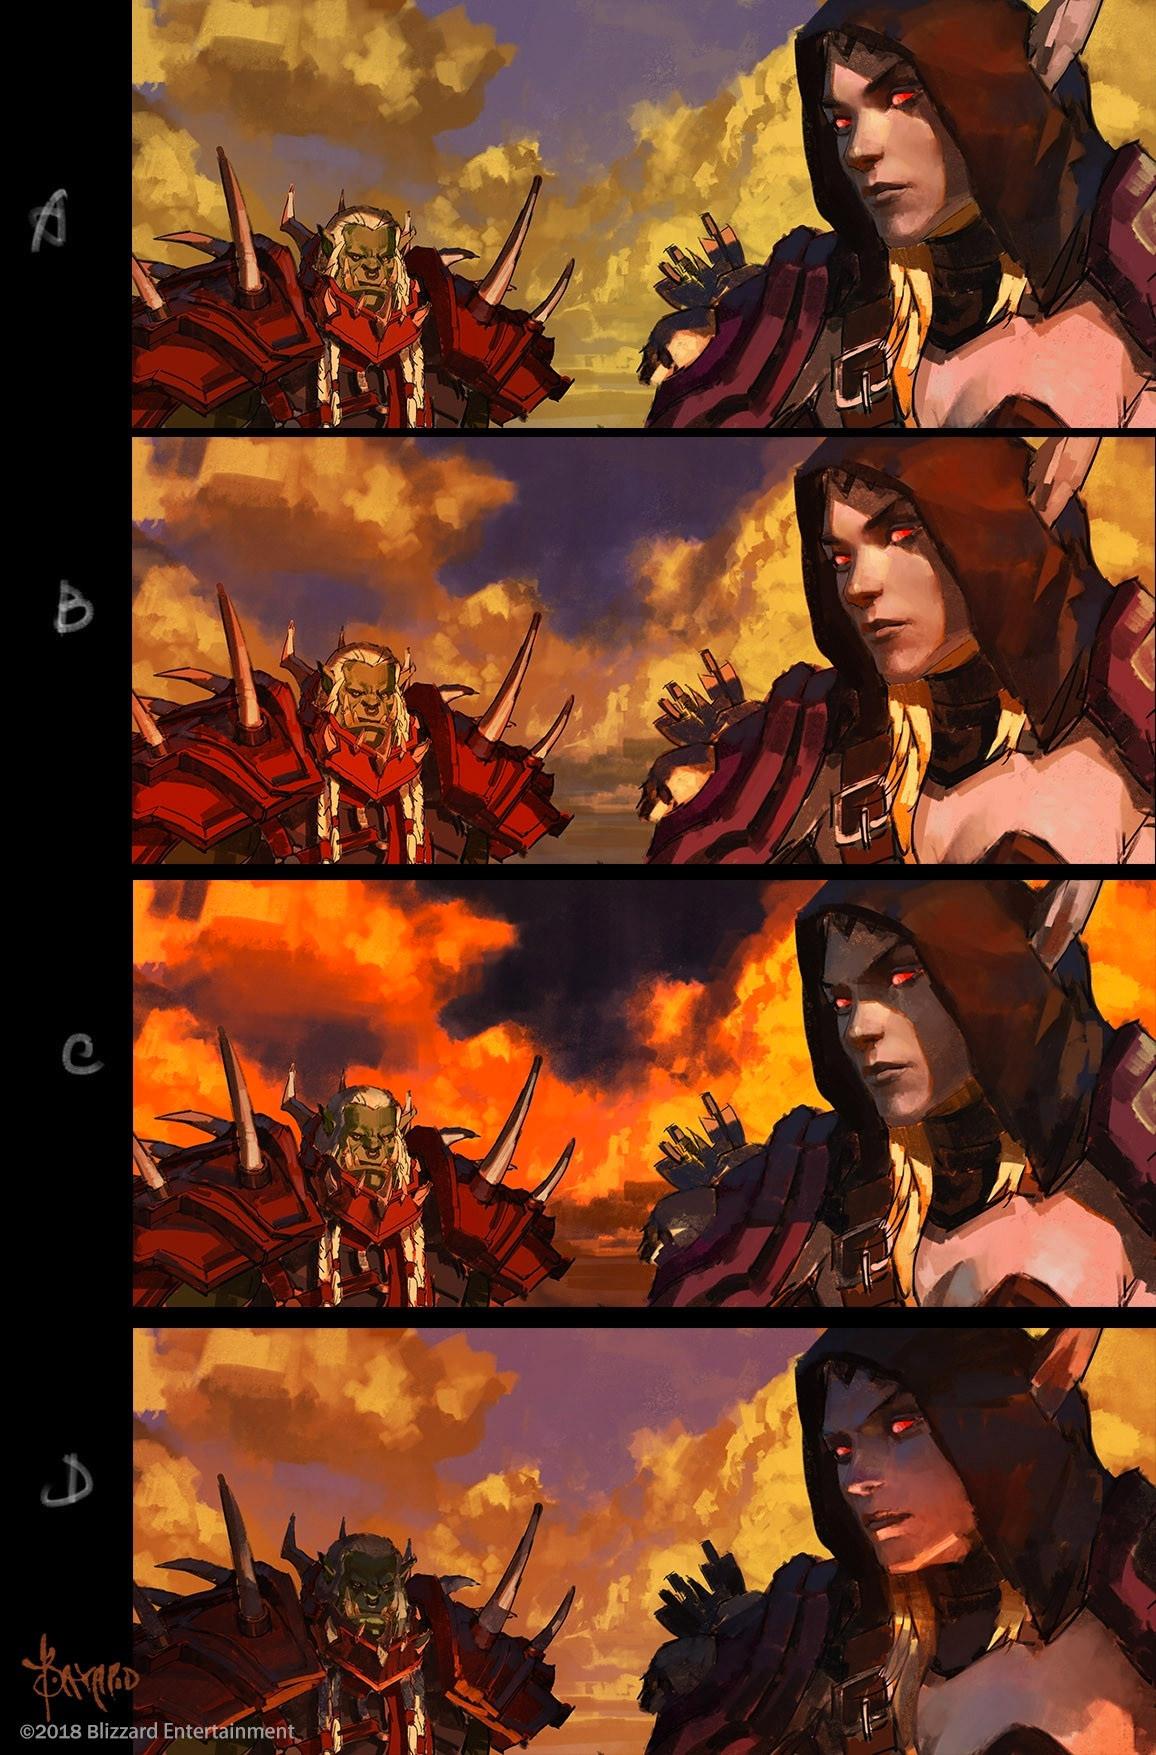 Saurcroc confronte Sylvanas lors de l'incendie de Teldrassil